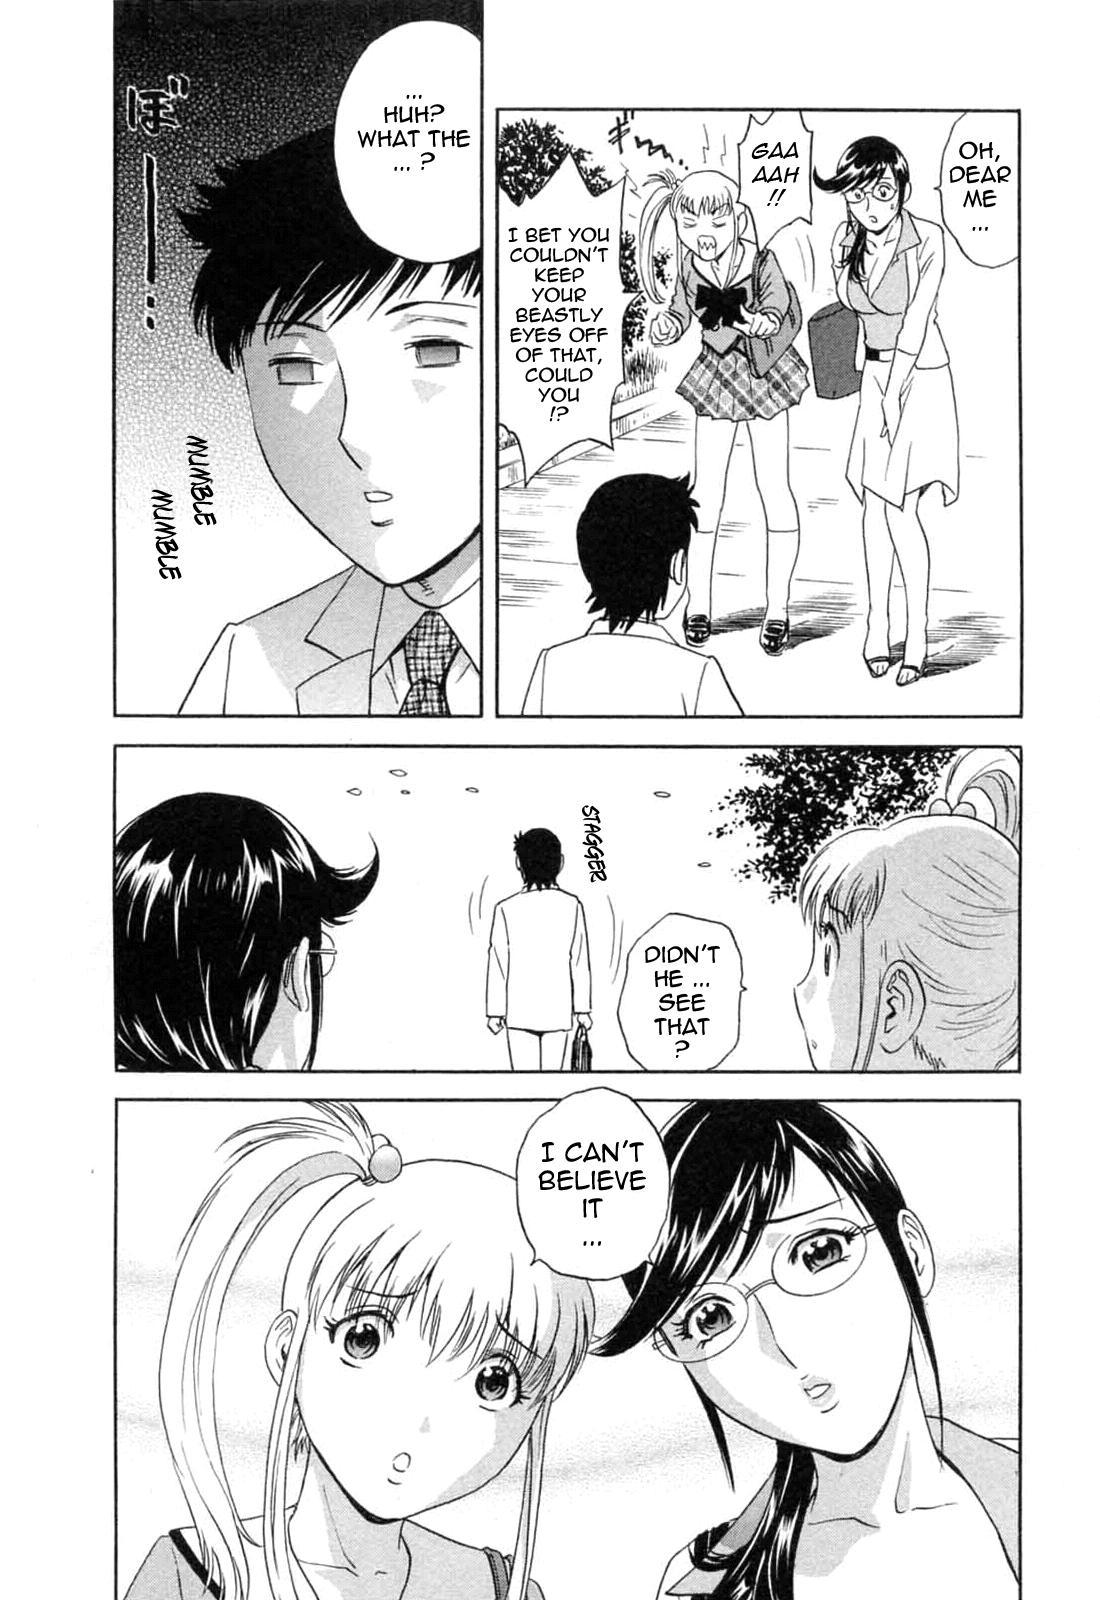 [Hidemaru] Mo-Retsu! Boin Sensei (Boing Boing Teacher) Vol.5 [English] [4dawgz] [Tadanohito] 95